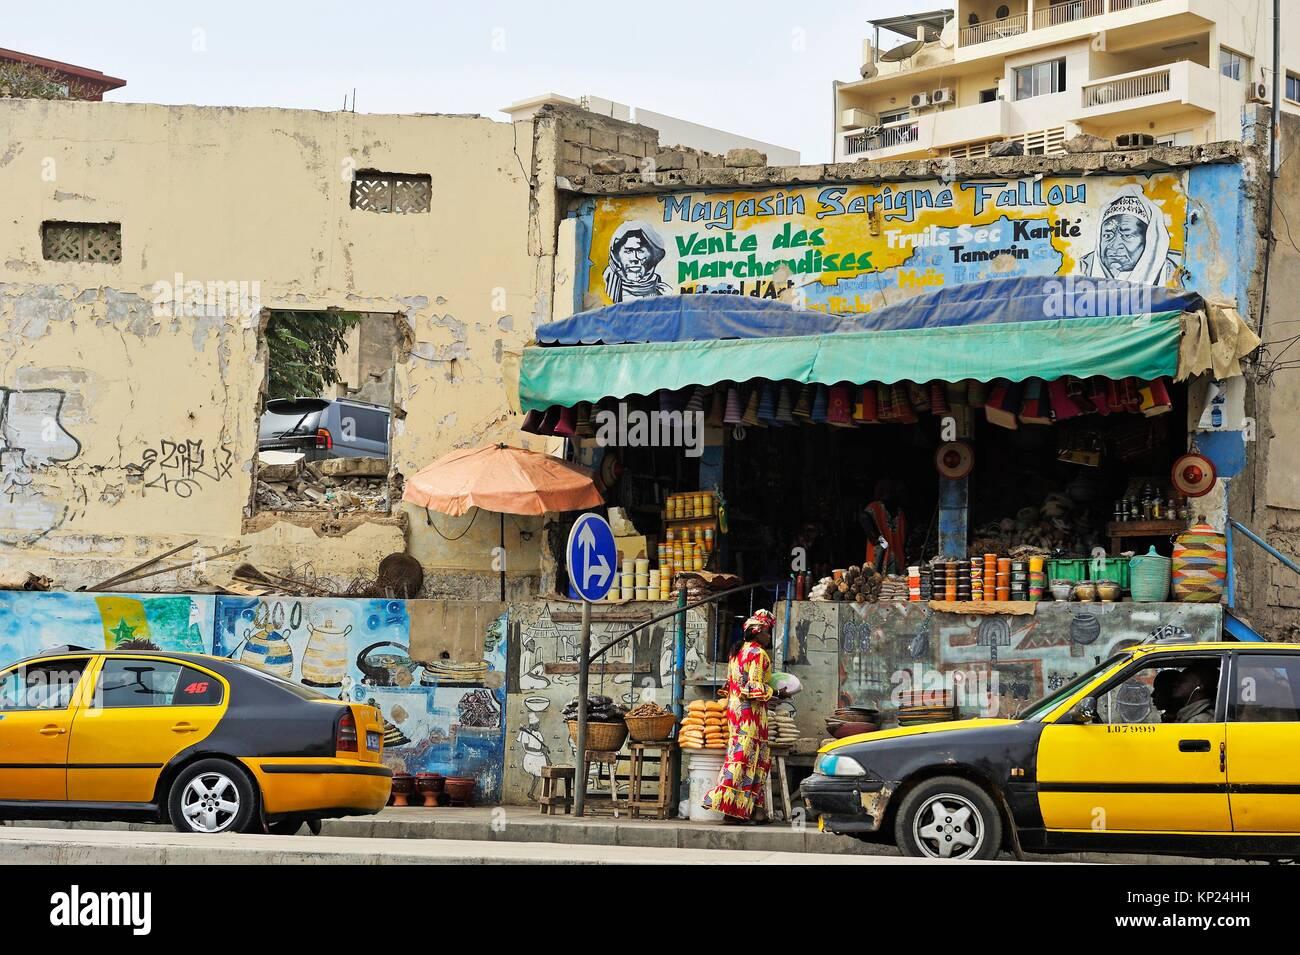 Boutique à côté du Rond-Point du tirailleur, Dakar, Sénégal, Afrique de l'Ouest. Photo Stock